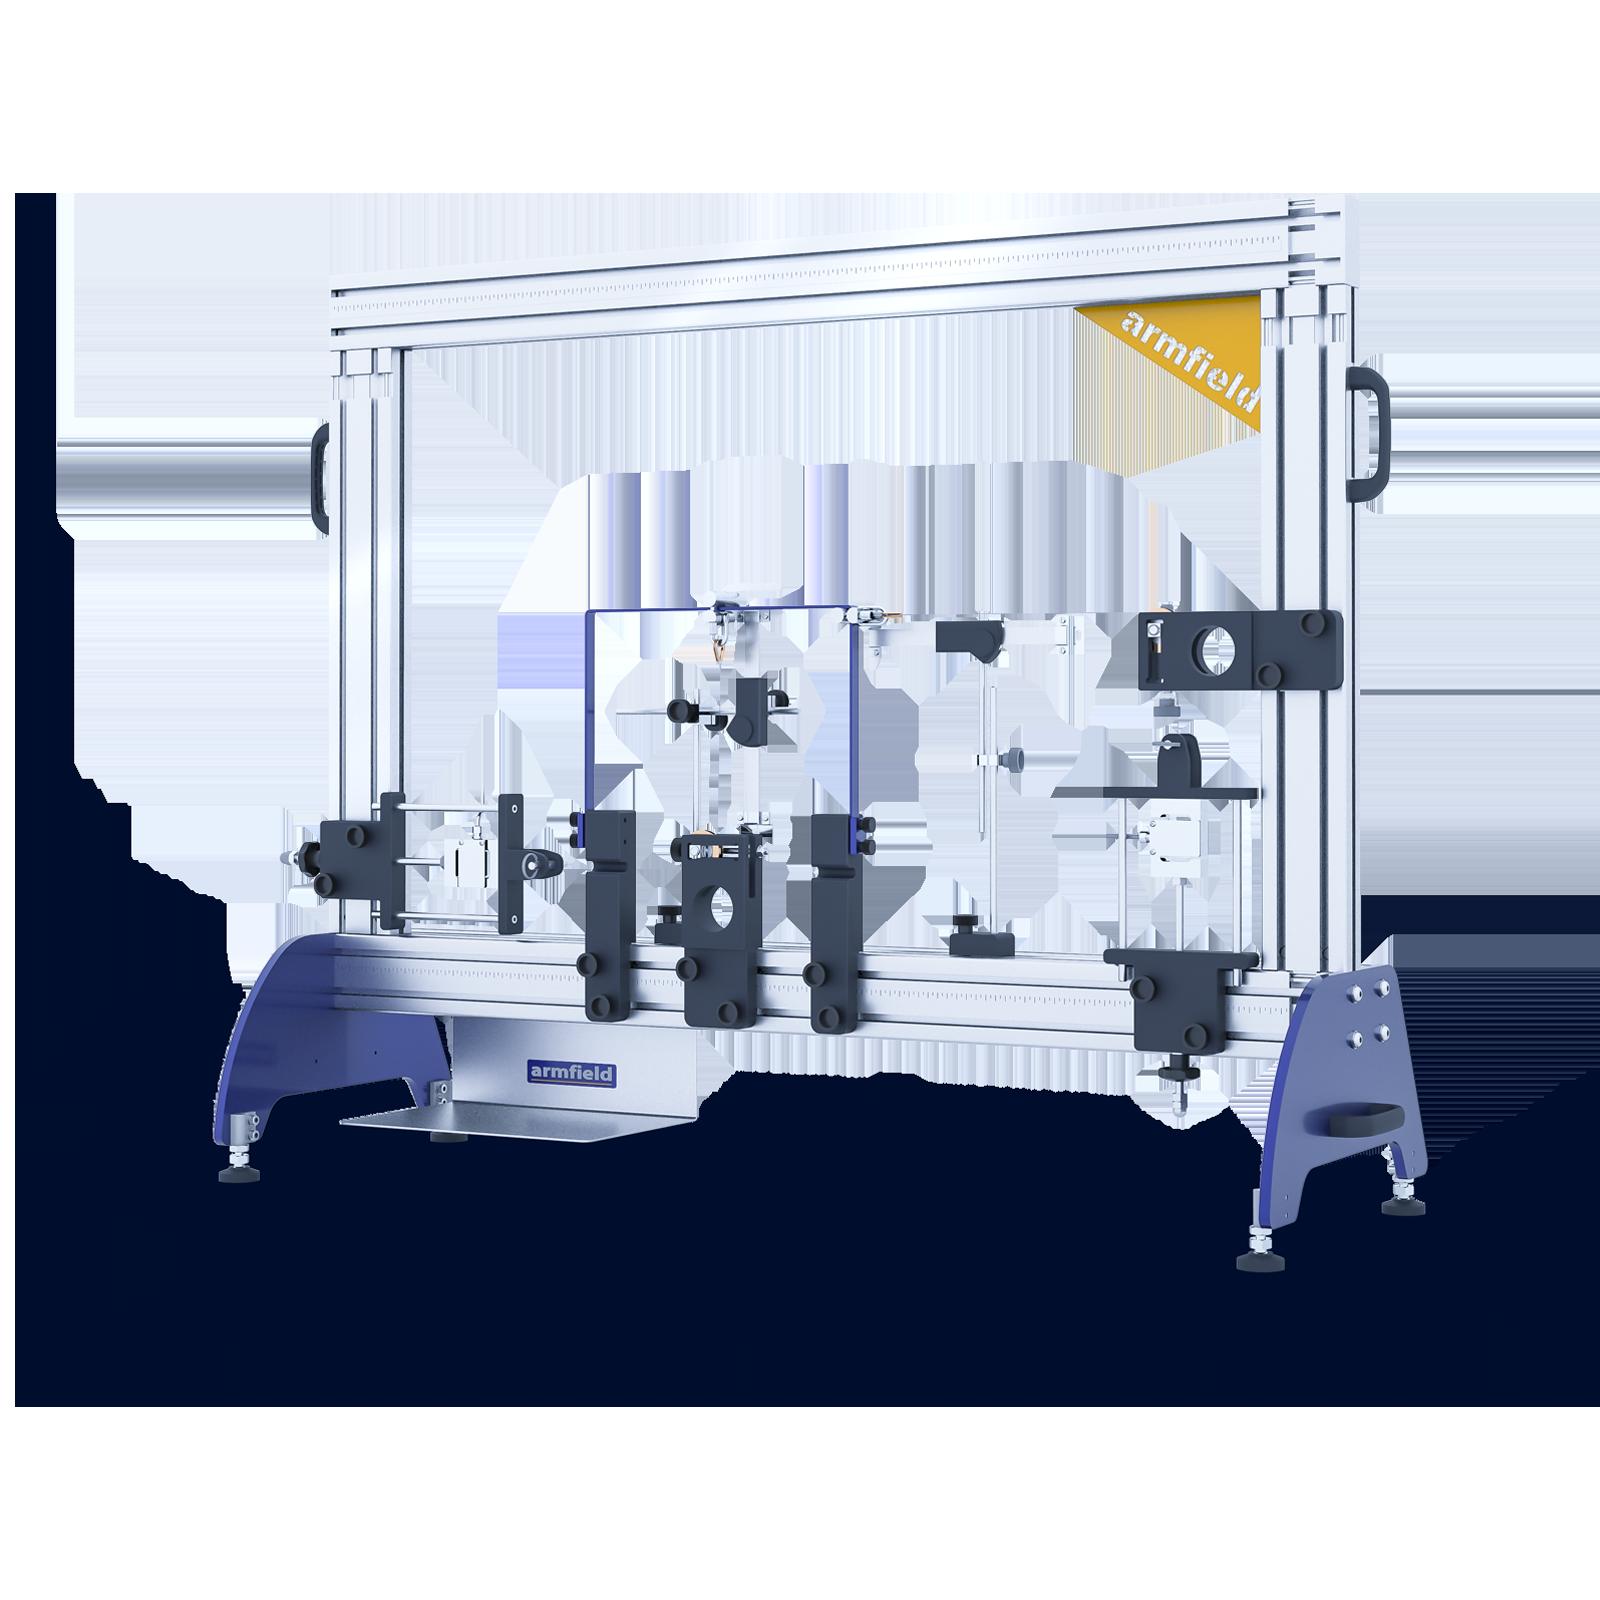 SV502 – Plastic Bending of Portals